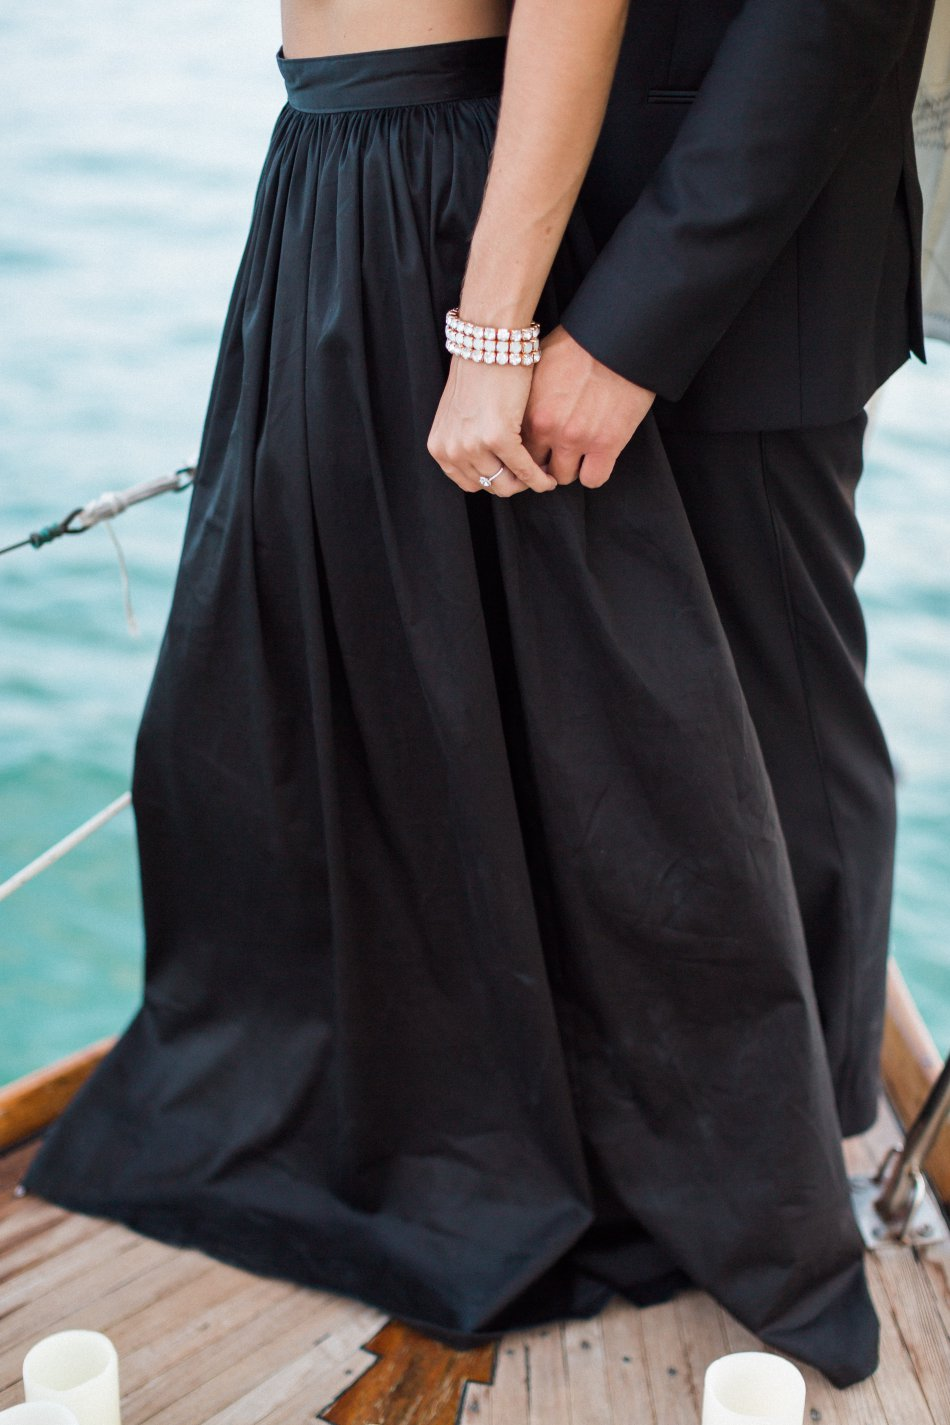 naples-luxury-sailing-engagement-photography-nautical-sailboat-engagement_1094.jpg